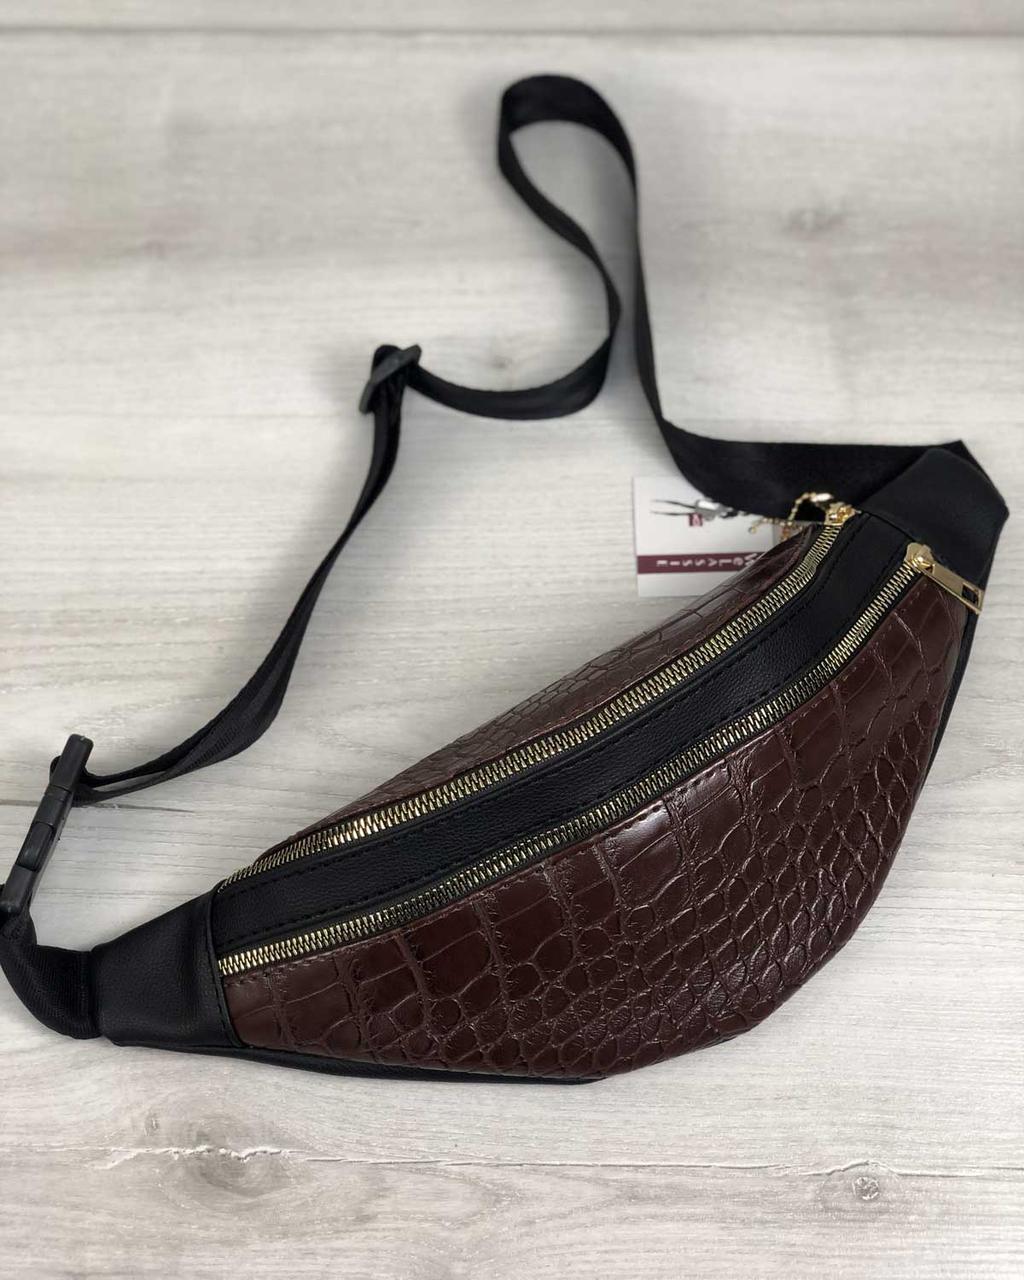 Женская сумка Бананка через плечо на два отделения коричневый крокодил, стильная женская сумочка на пояс